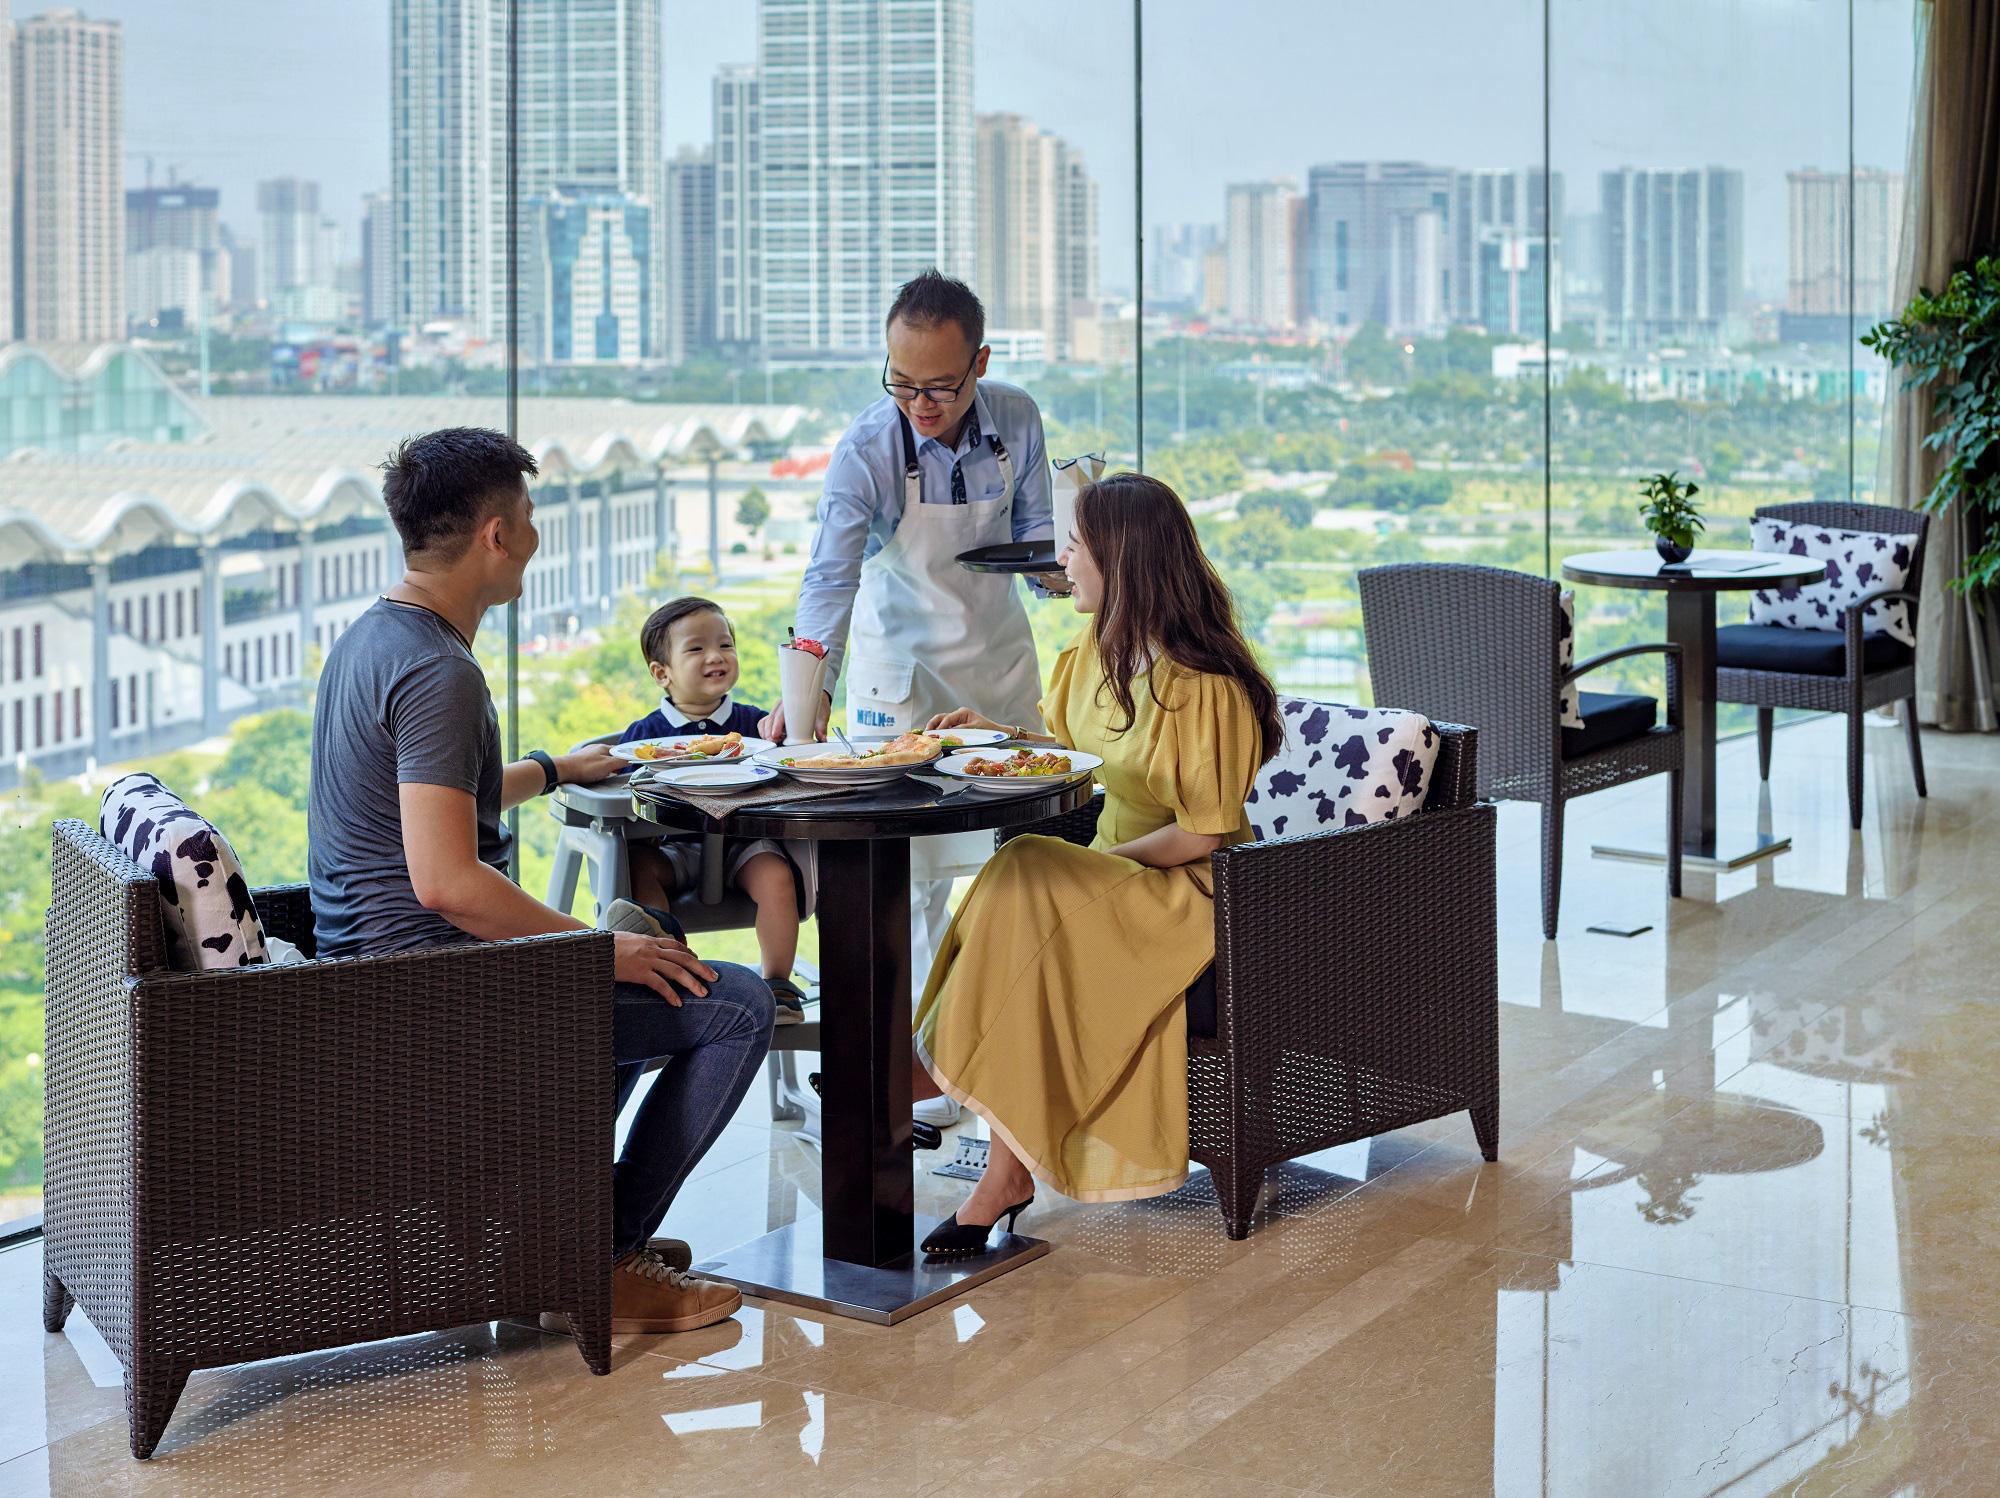 Marriott ban 7 điều ước cho du khách giúp biến ước mơ thành hiện thực tại Việt Nam - Ảnh 5.